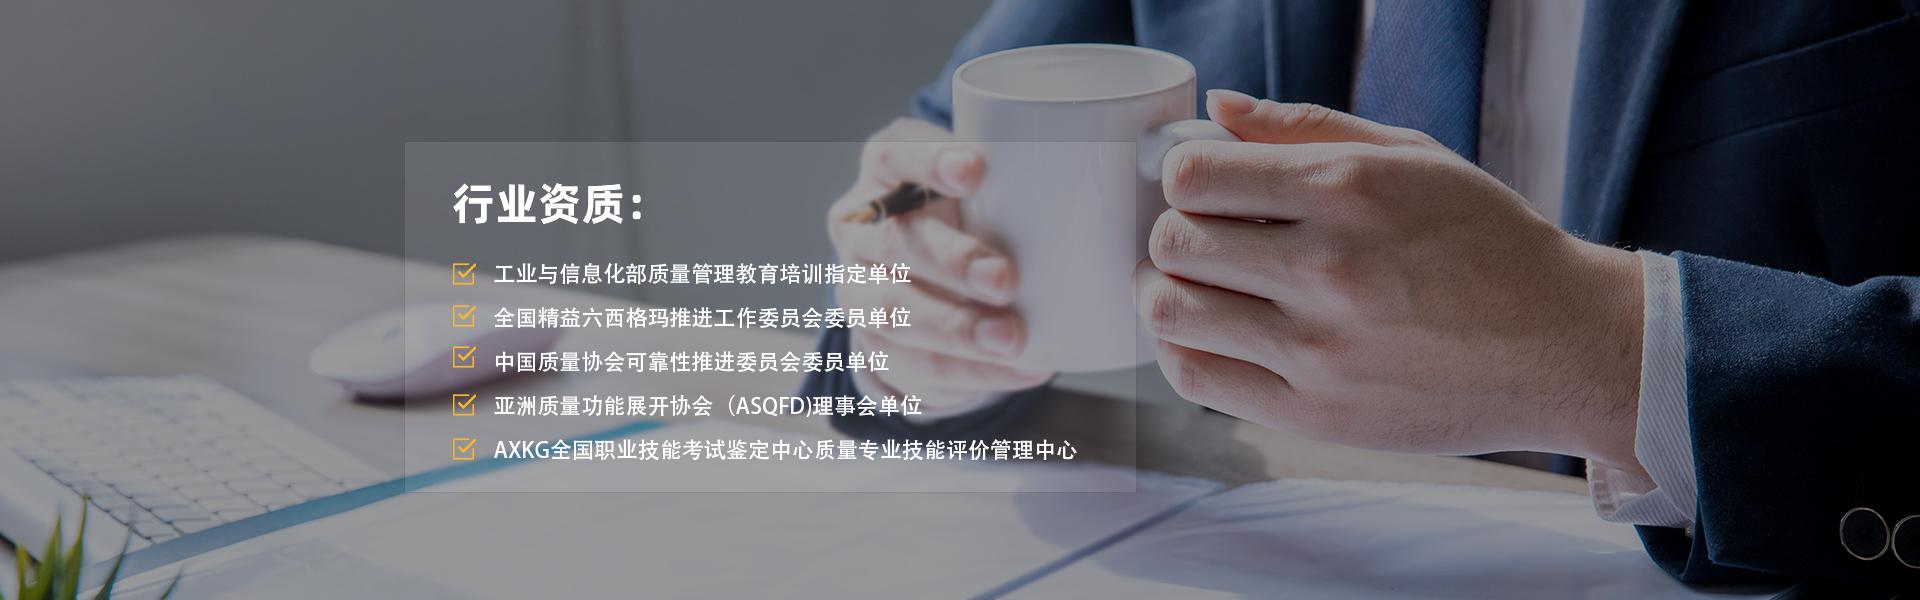 上海质远信息技术服务有限公司